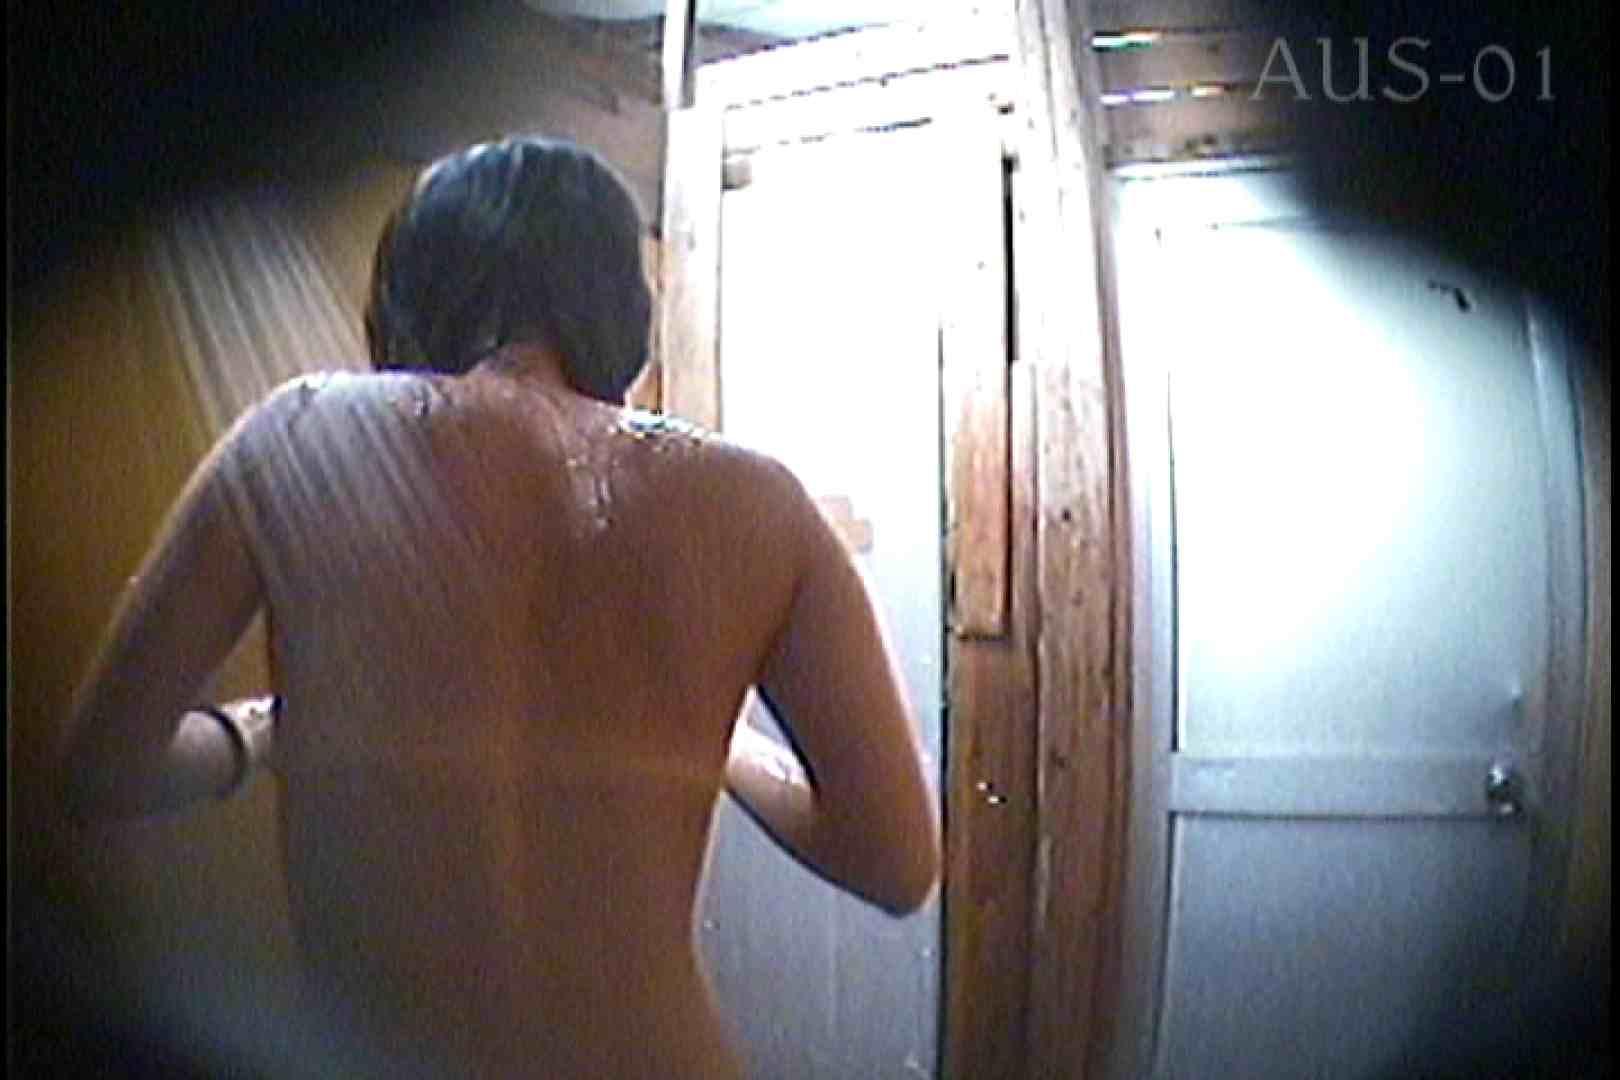 海の家の更衣室 Vol.01 美女 覗きワレメ動画紹介 35pic 20